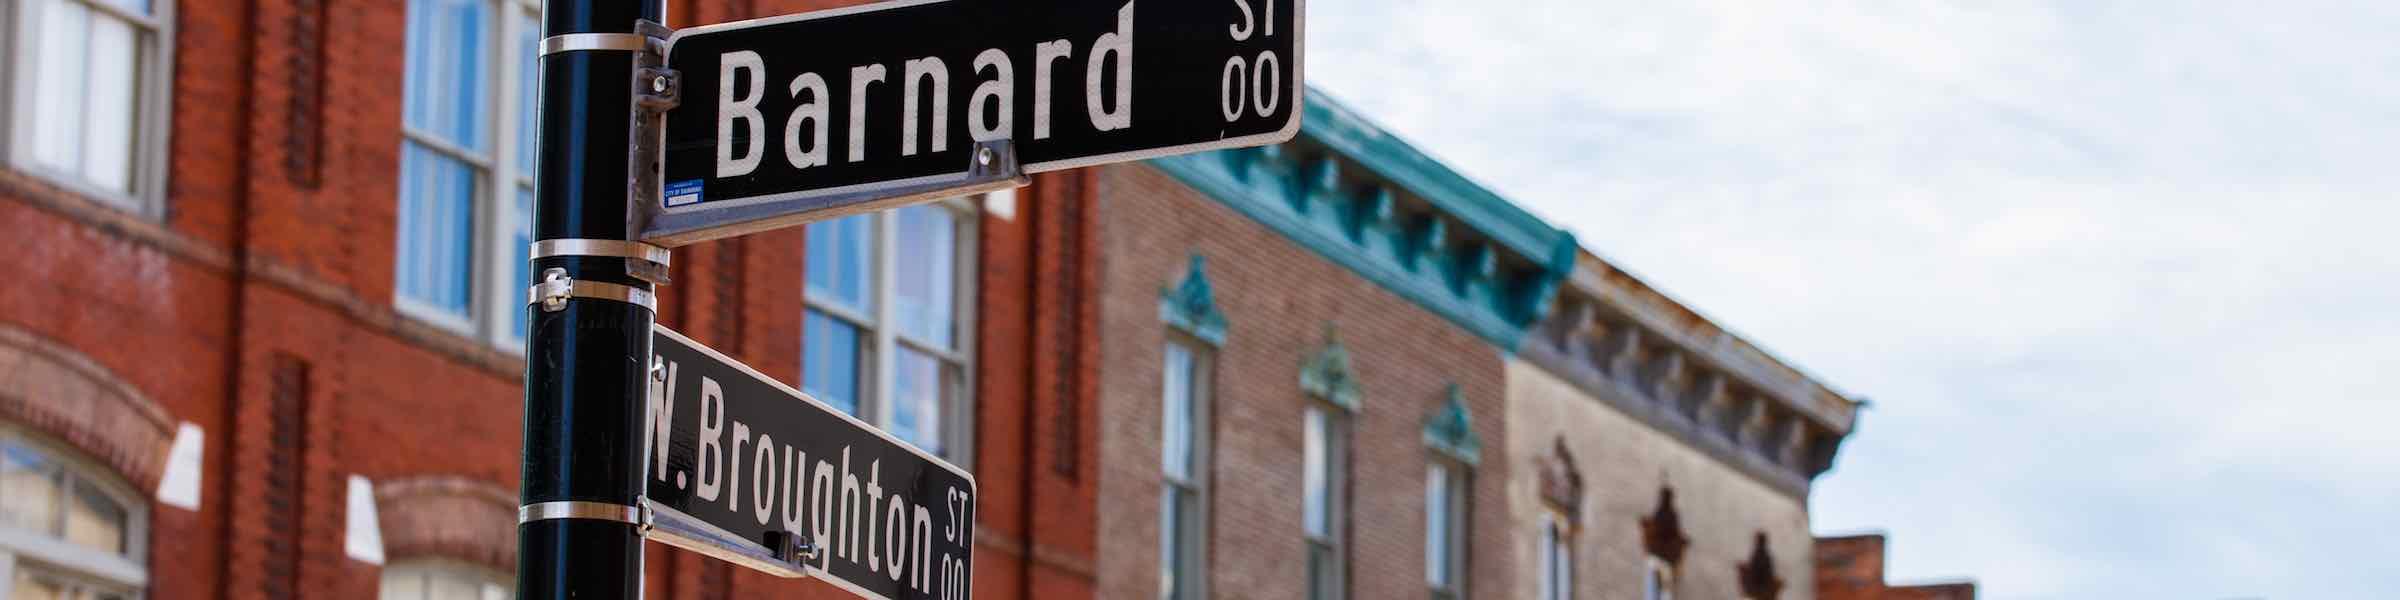 Signpost at the intersection of Broughton and Barnard Streets, Savannah, GA.